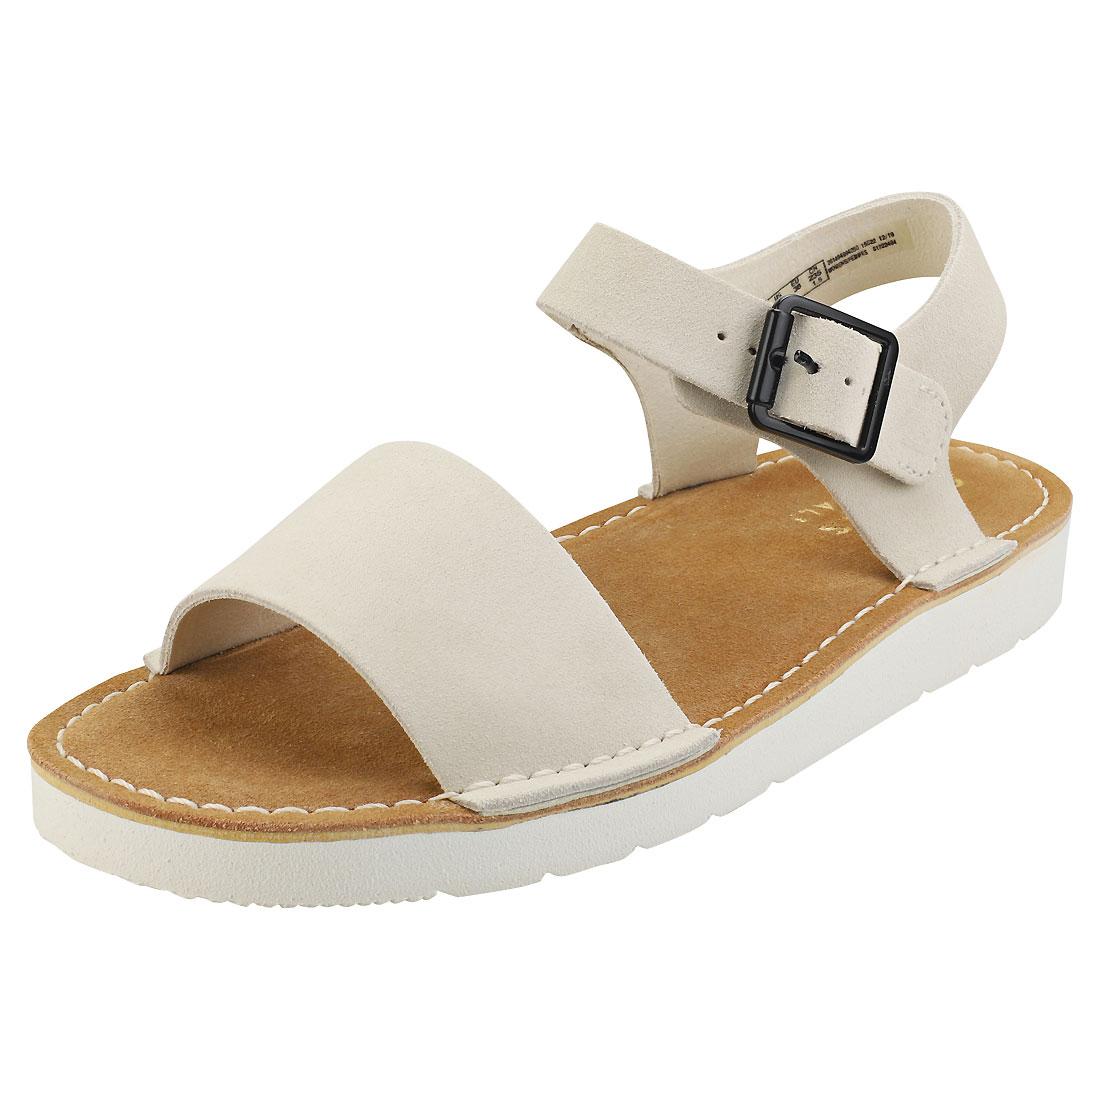 Ru cuerno vértice  Clarks Originals Lunan Strap Womens White Suede Walking Sandals | eBay